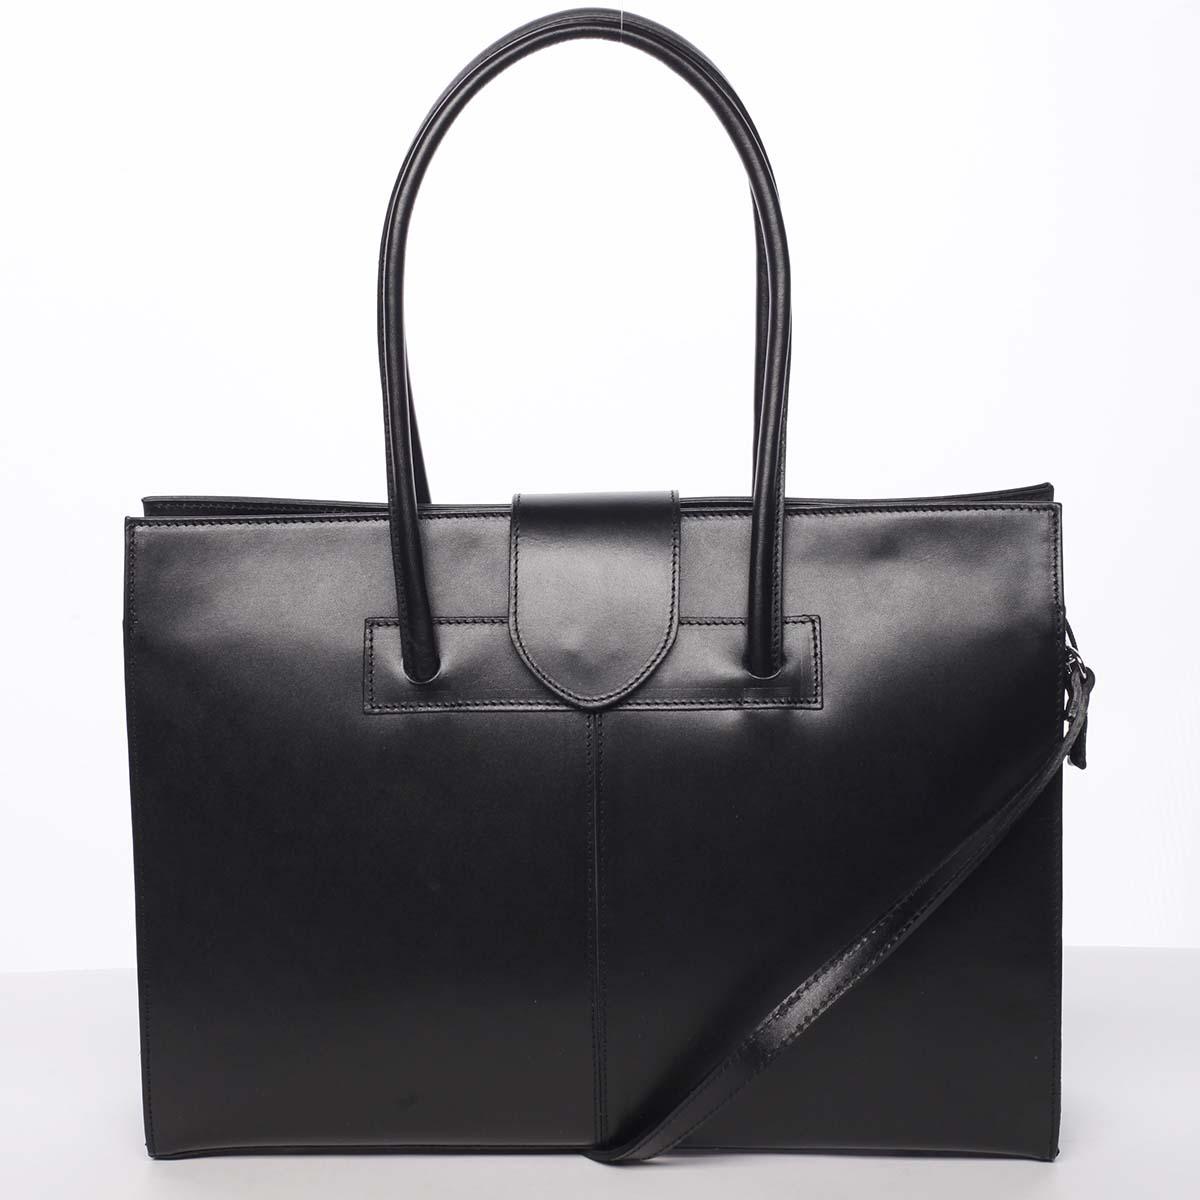 Elegantní a módní dámská kožená kabelka černá - ItalY Alison